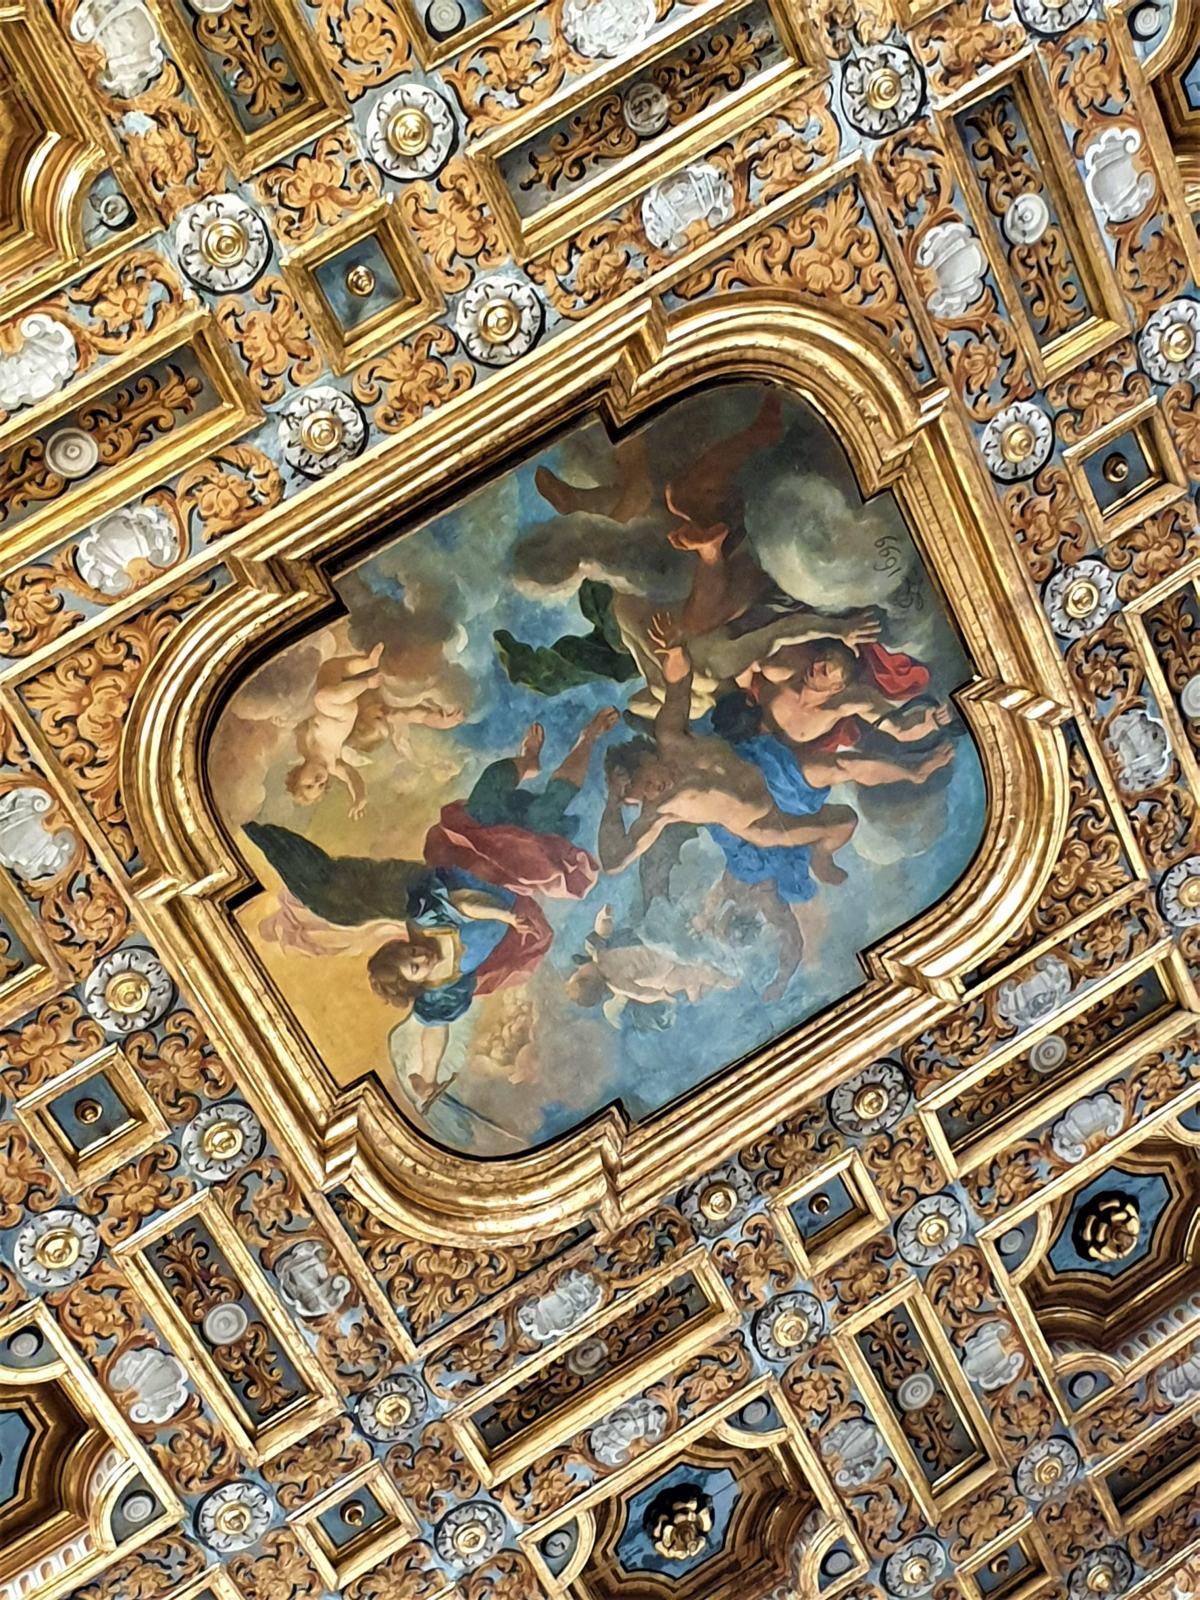 San Michele che sconfigge gli angeli ribelli